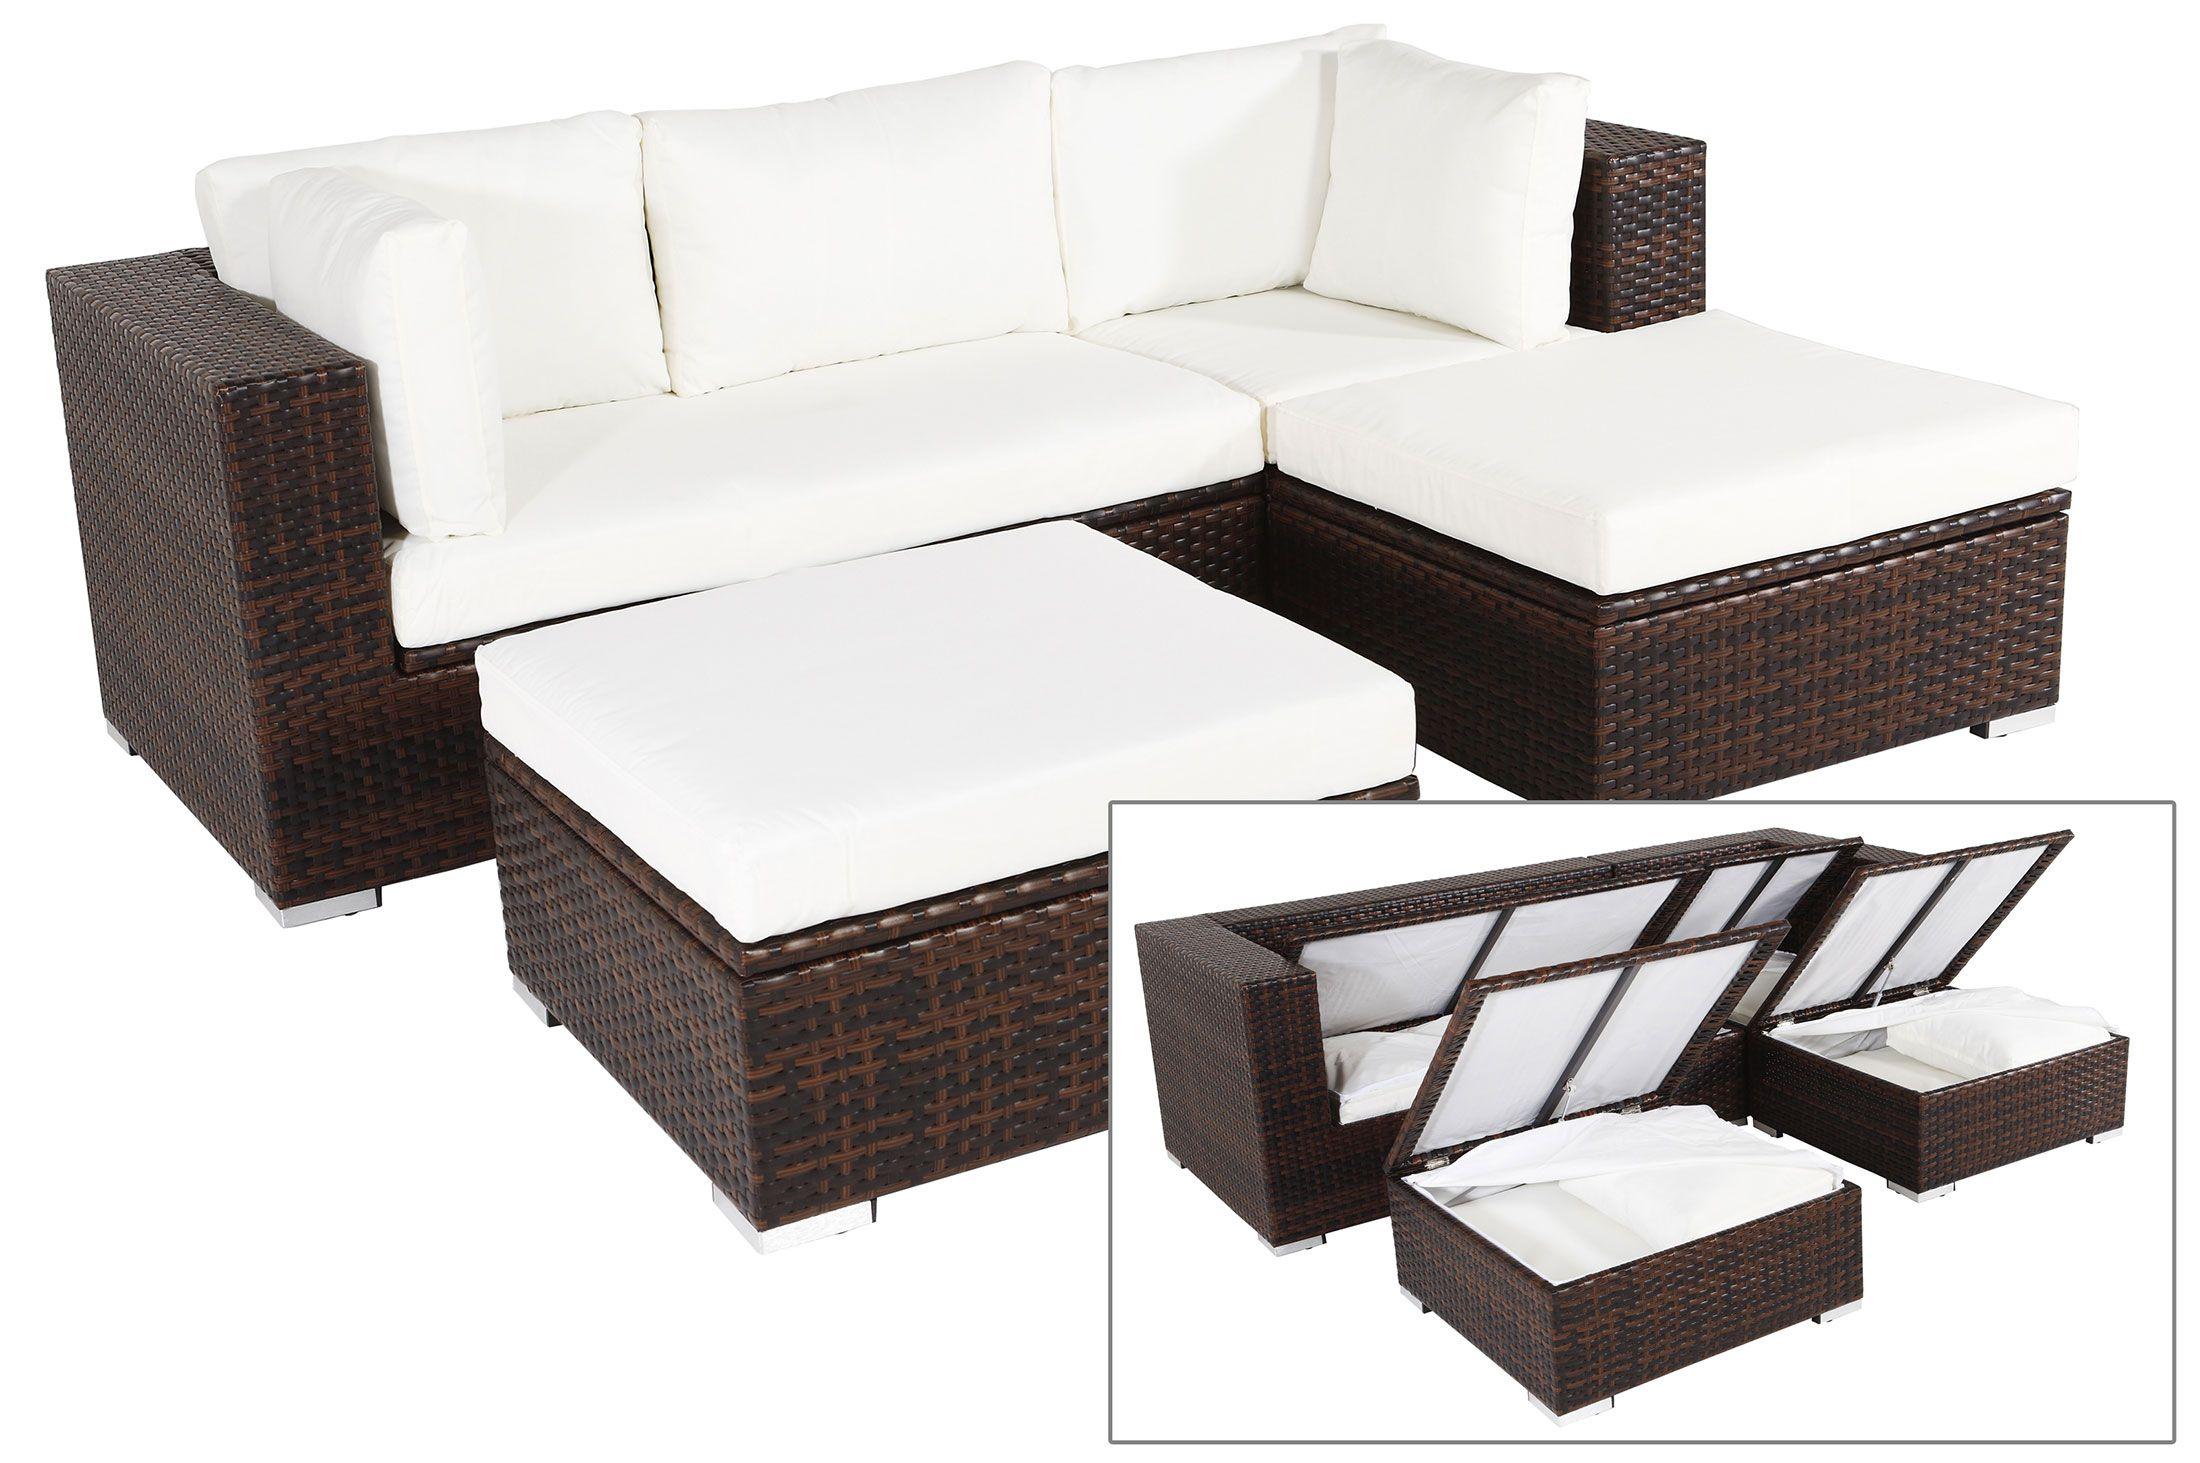 OUTFLEXX Gartenmöbelset aus Polyrattan mit Boxfunktion inkl. 2 ...